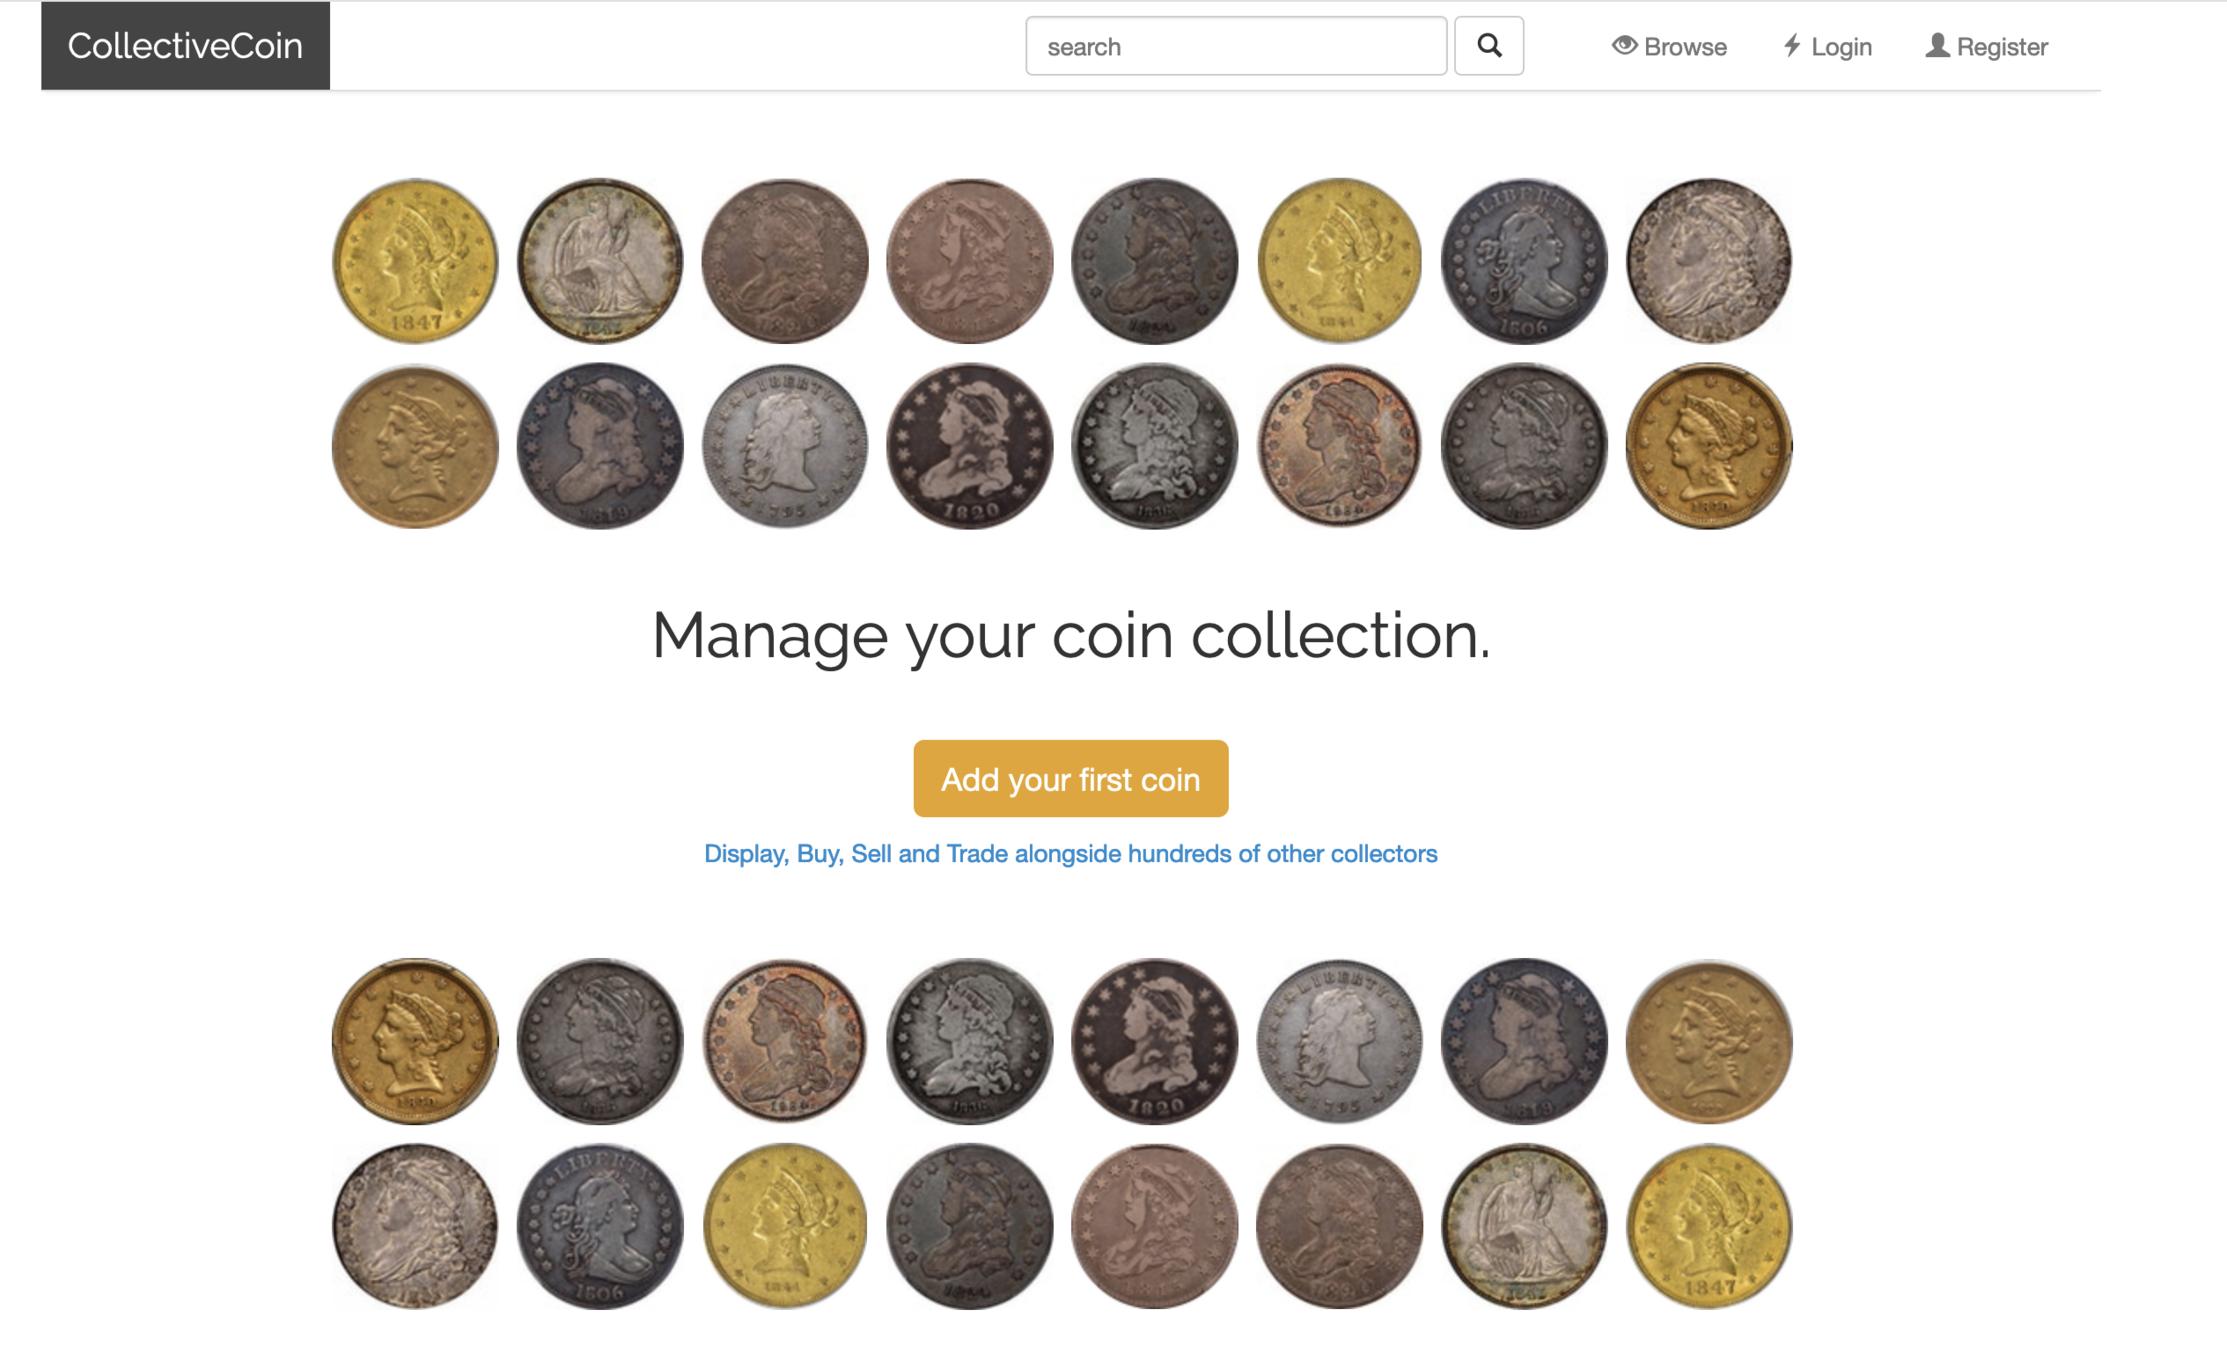 collective coin